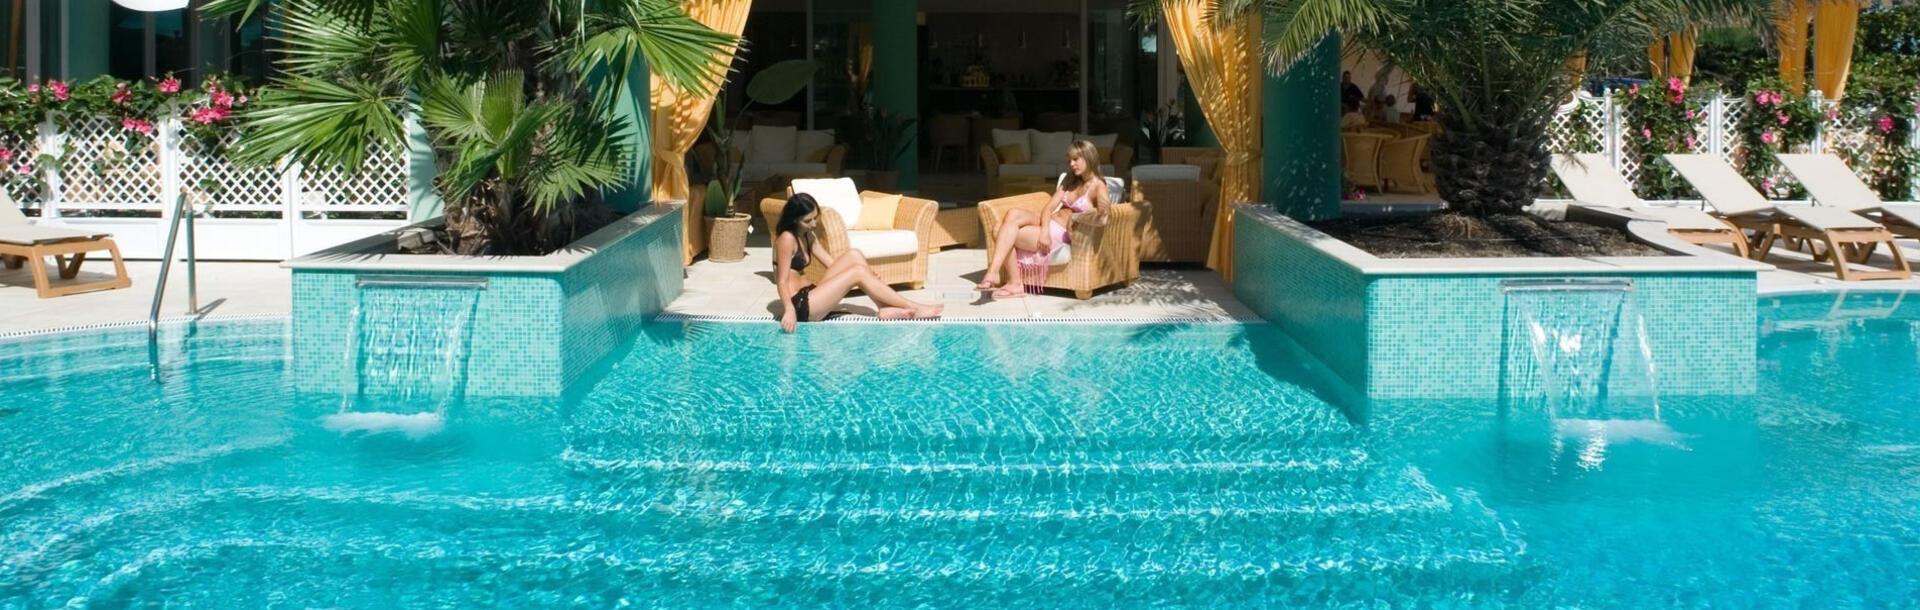 hotel-montecarlo it prenota-prima-vacanze-a-bibione-in-hotel-fronte-mare-4-stelle 013